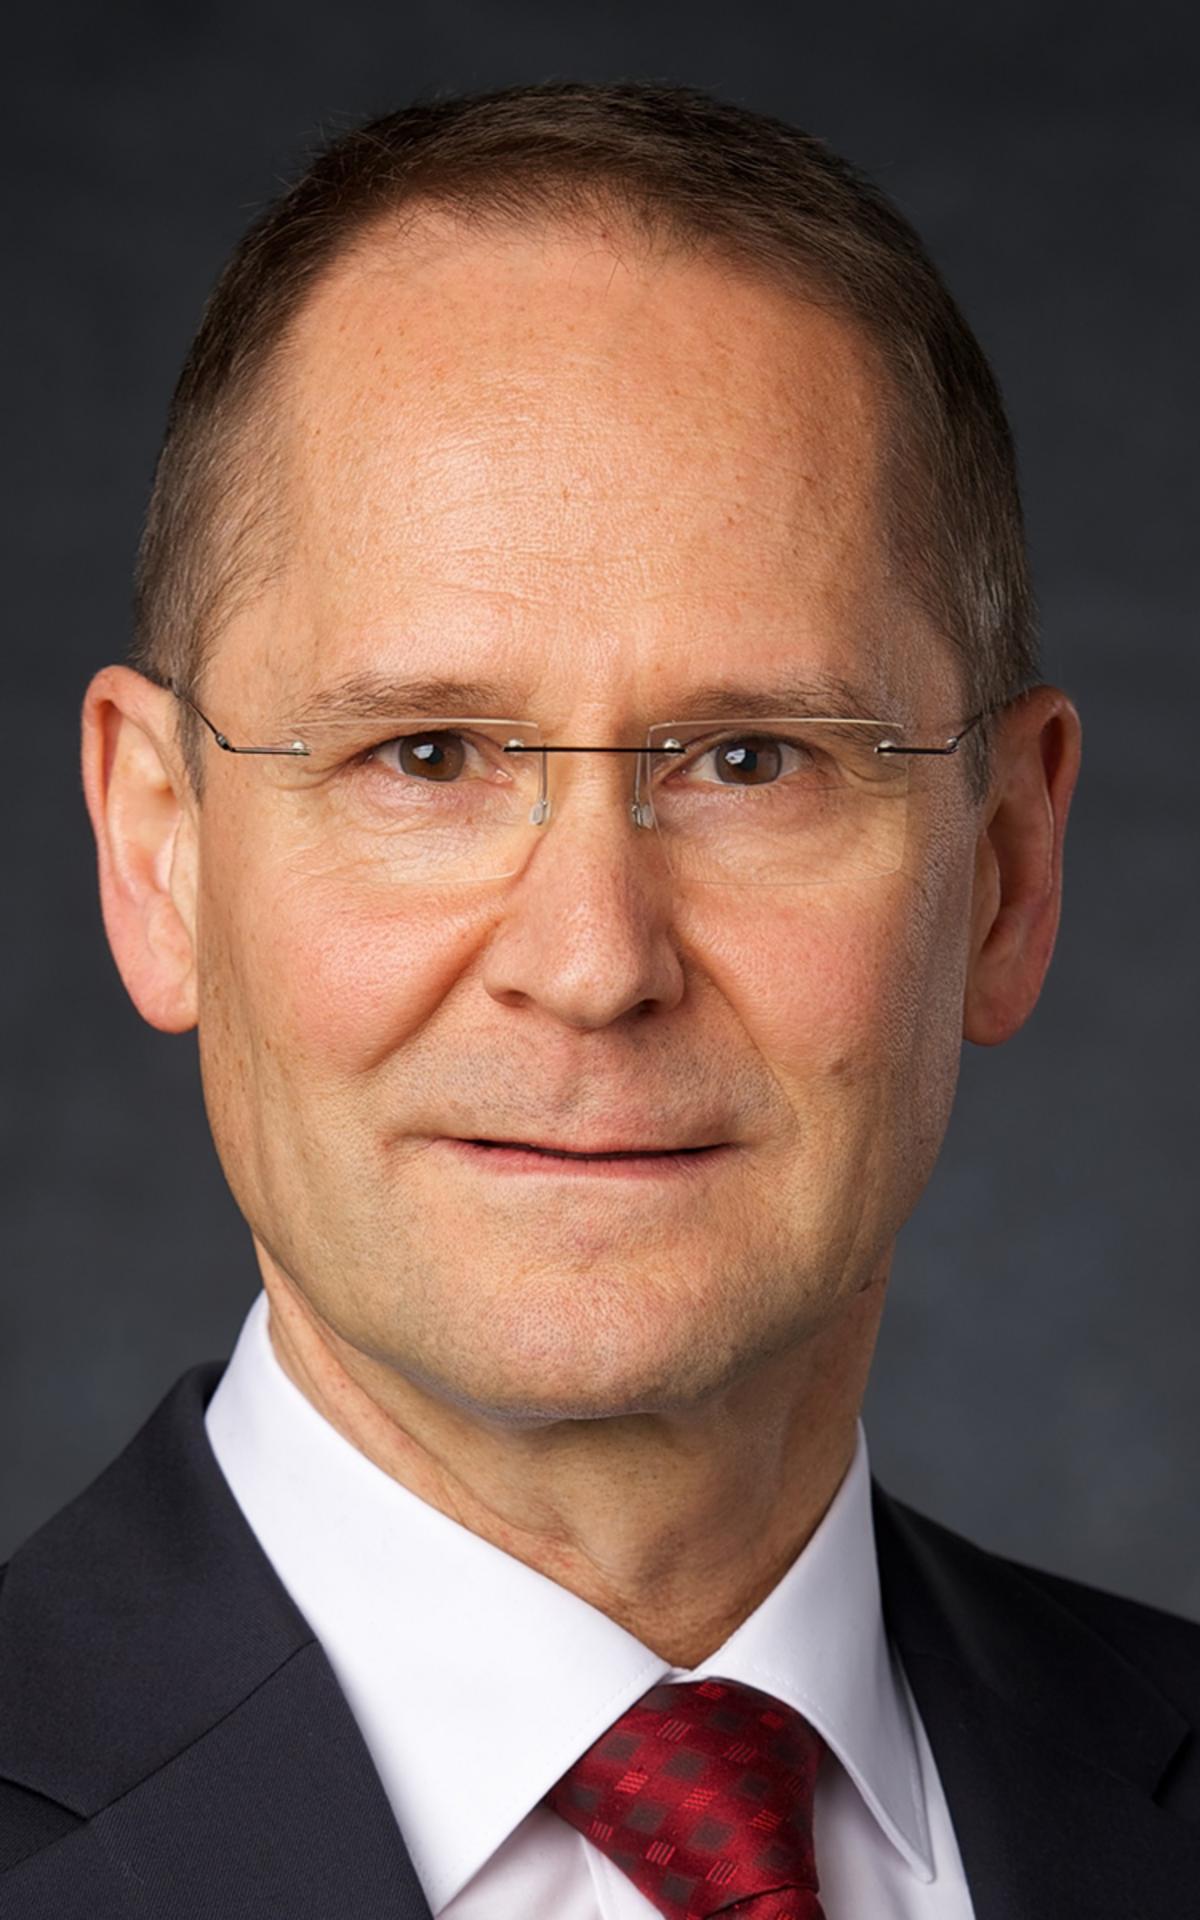 Öldungur Wolfgang Pilz